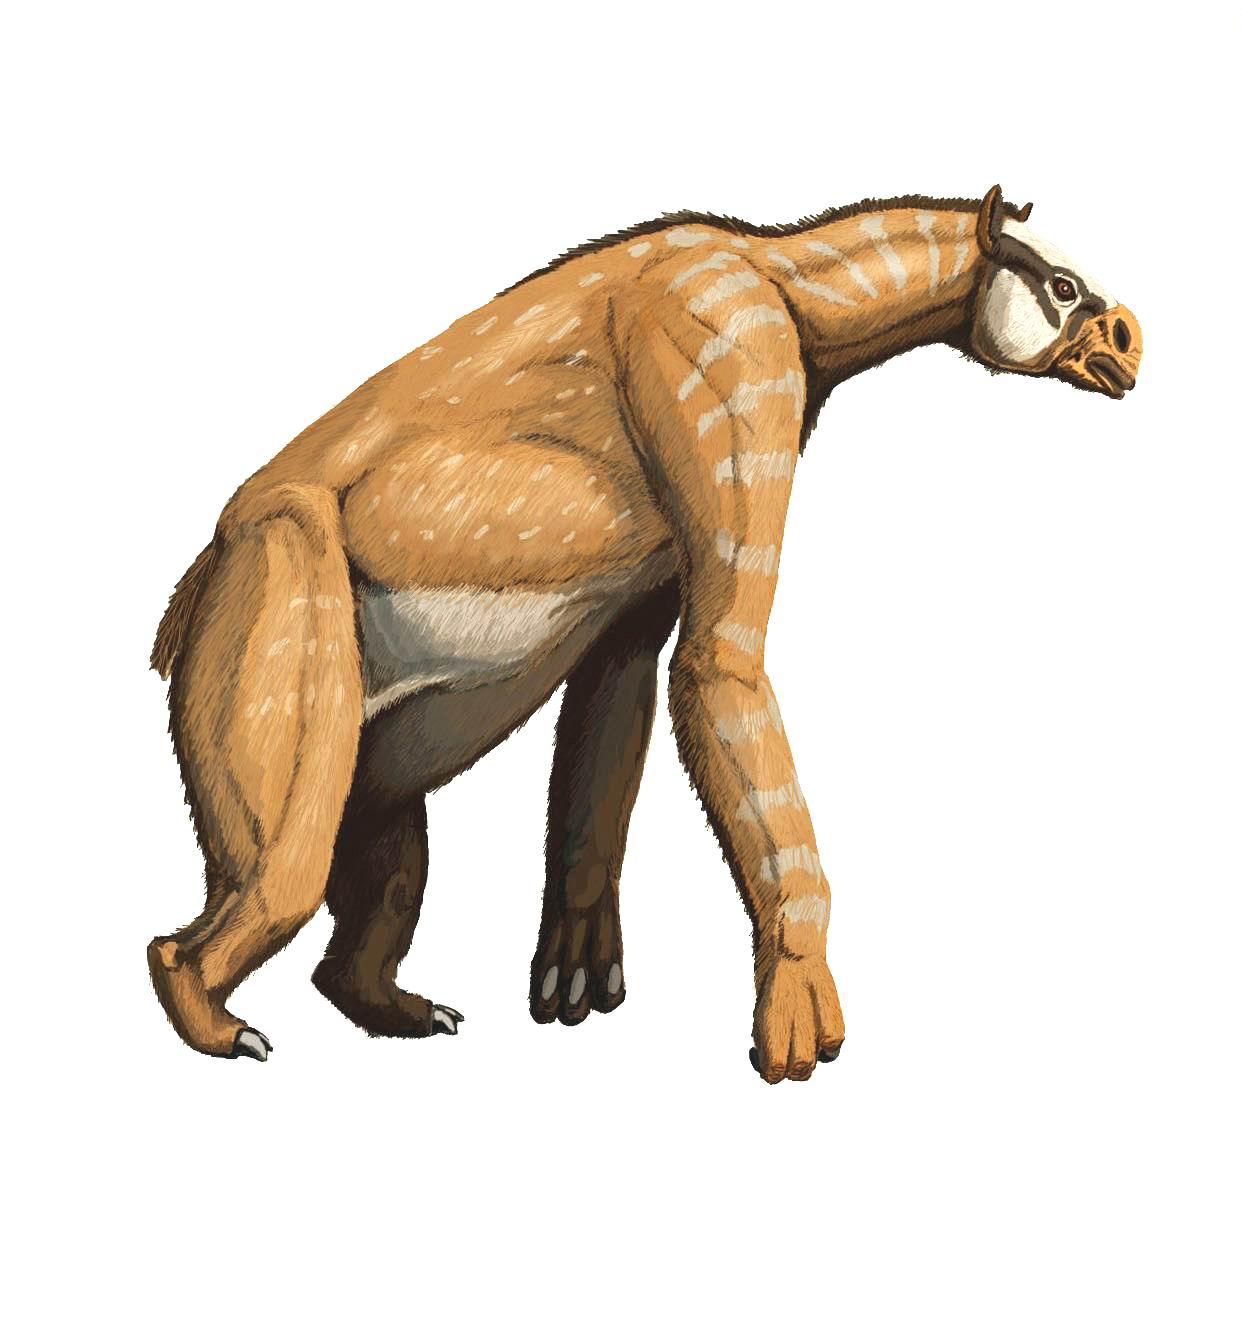 chalicotheriumdb1222.jpg